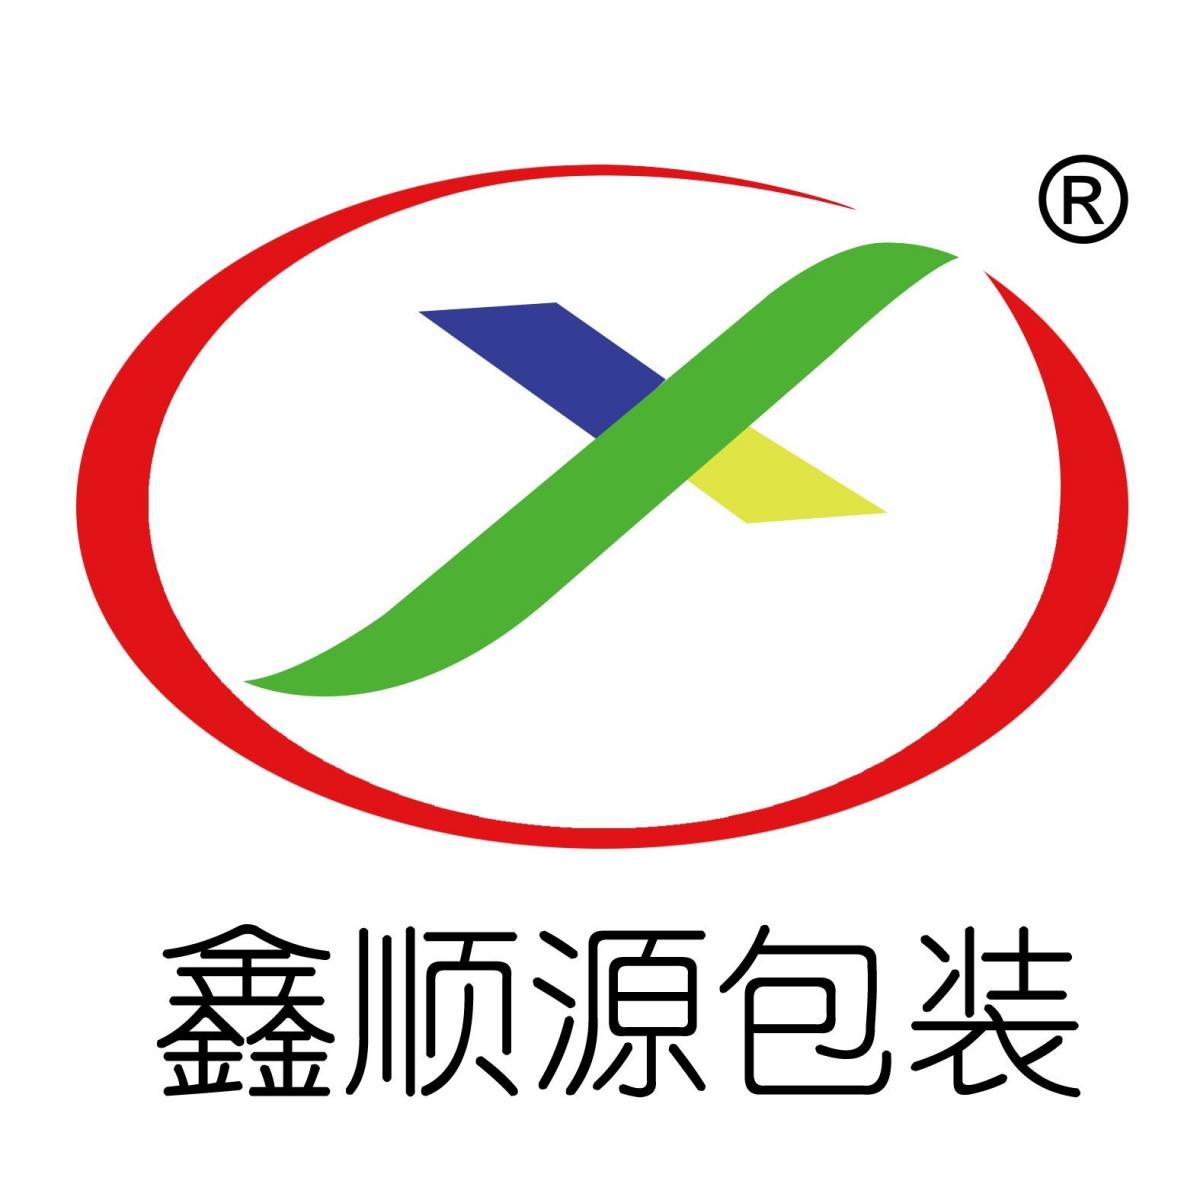 济南鑫顺源包装有限公司